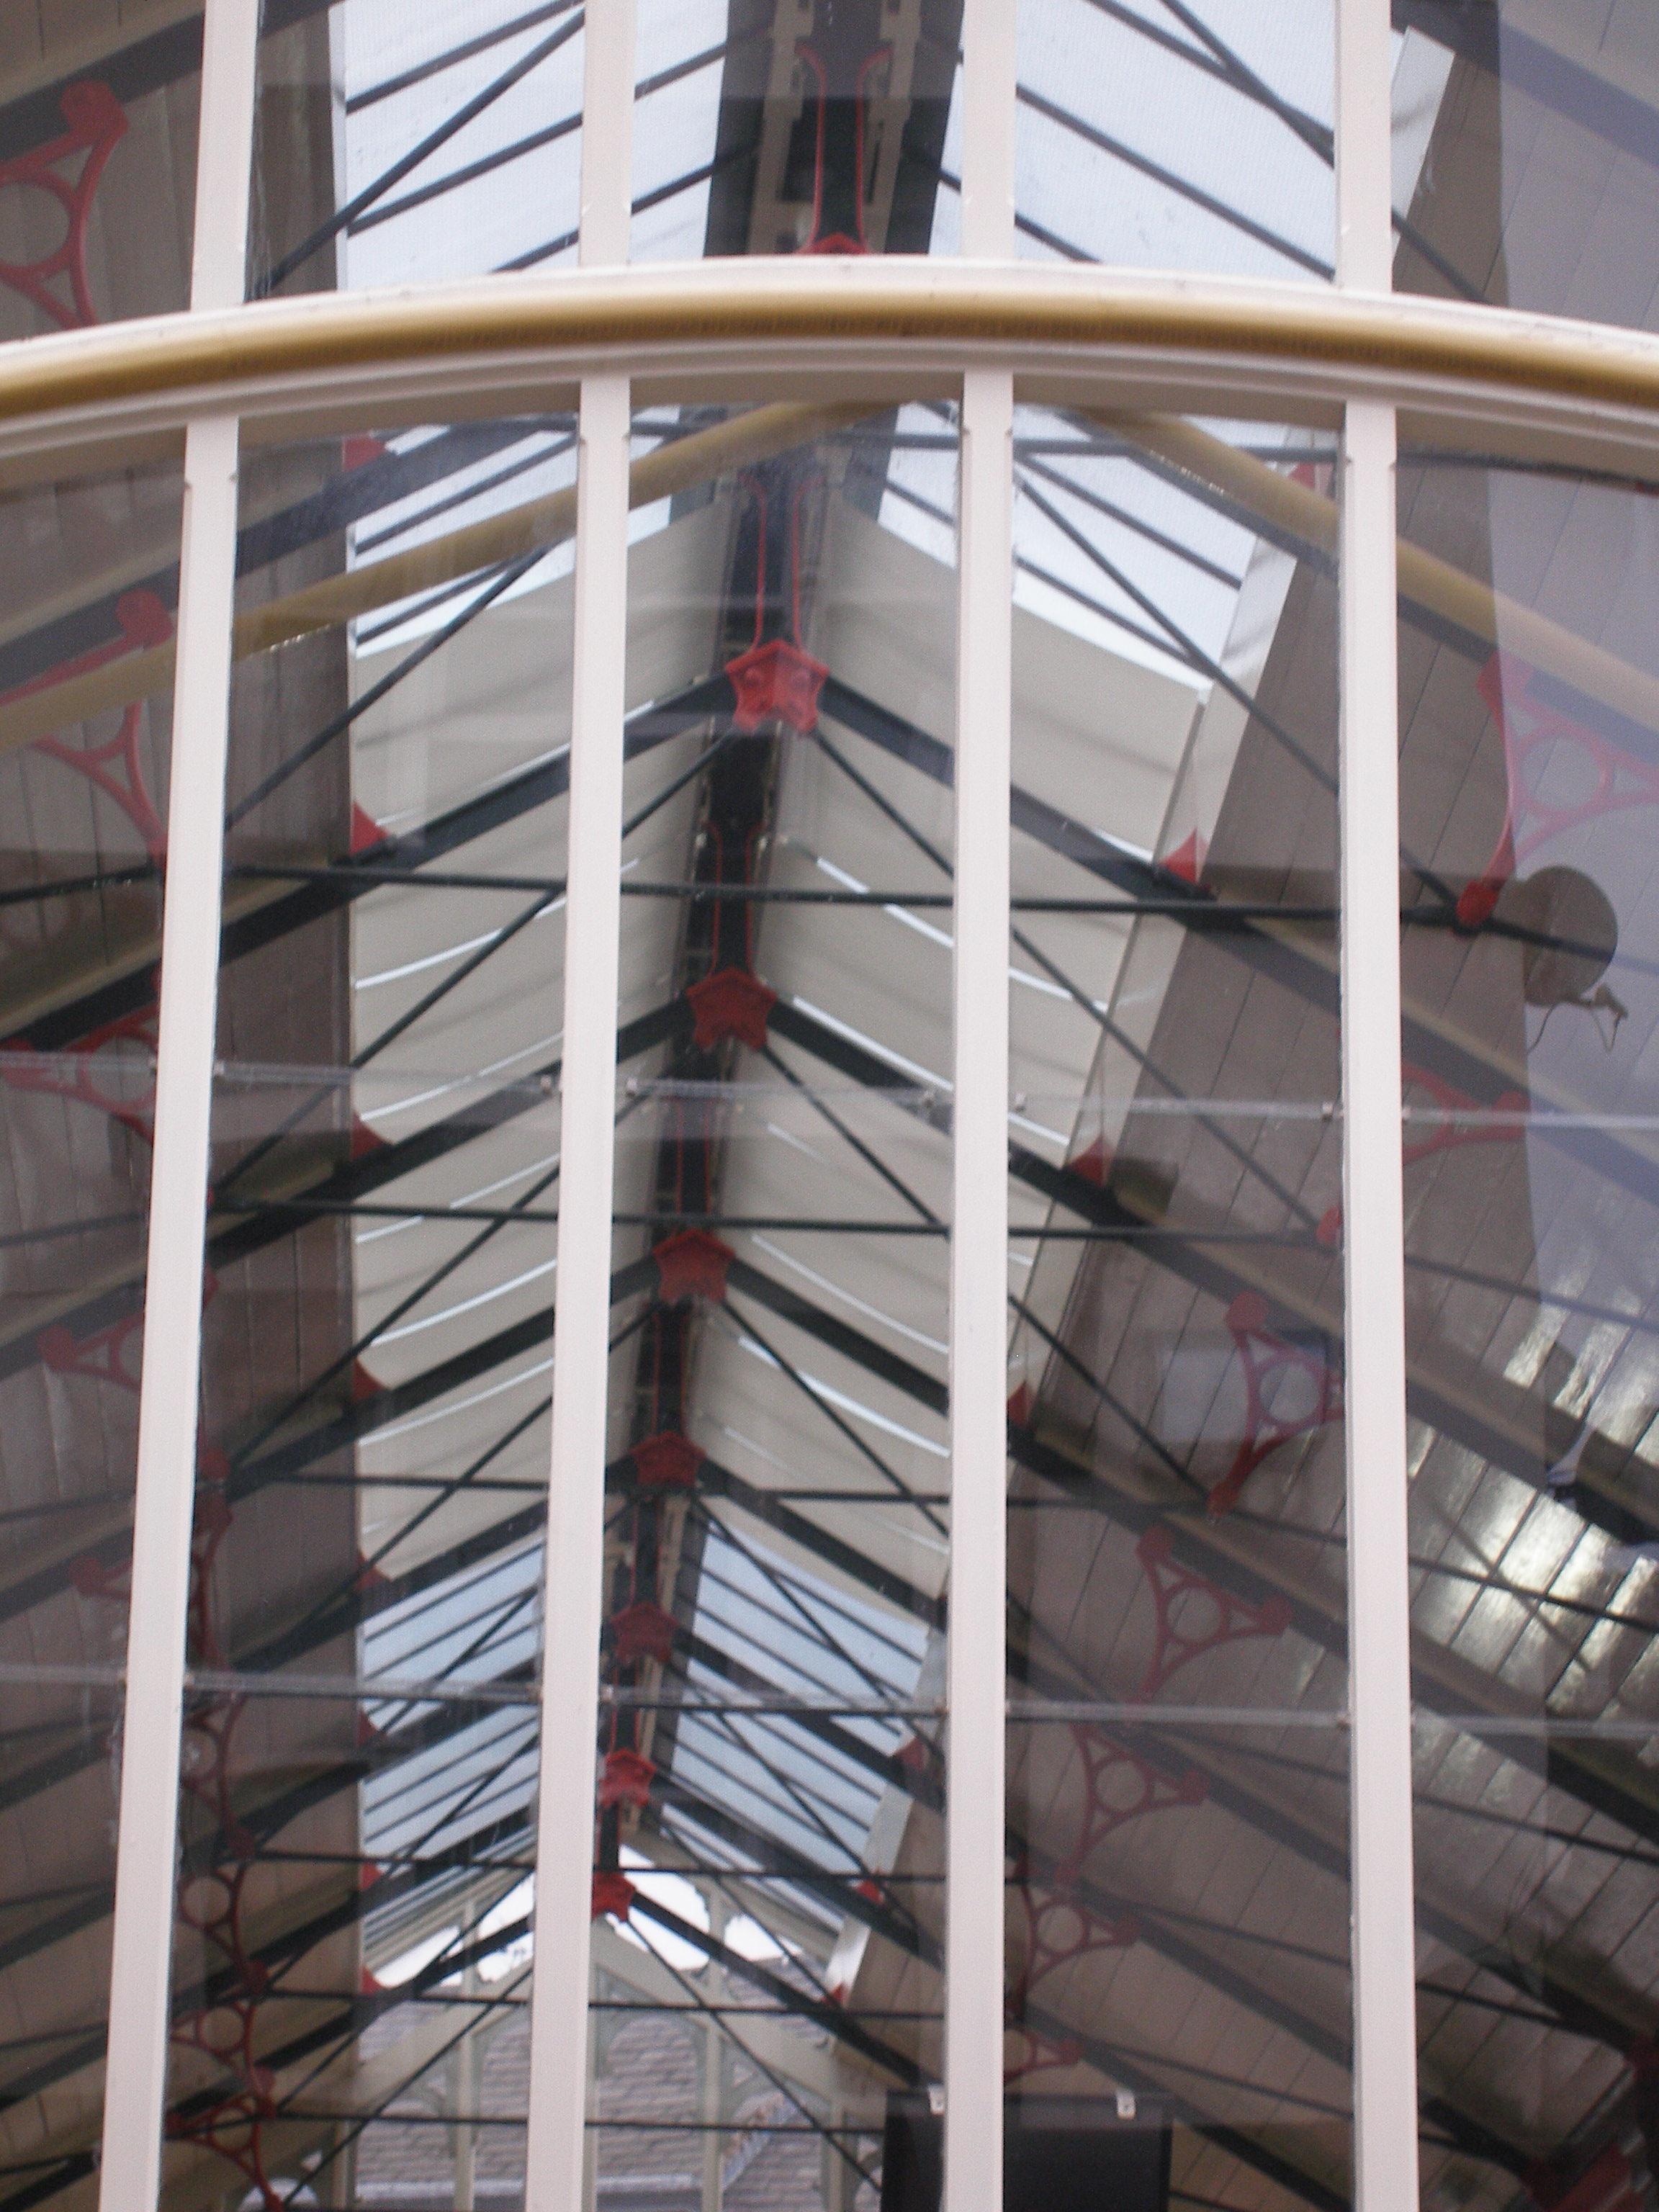 Fotos gratis : estructura, techo, mástil, fachada, escalera, pretil ...